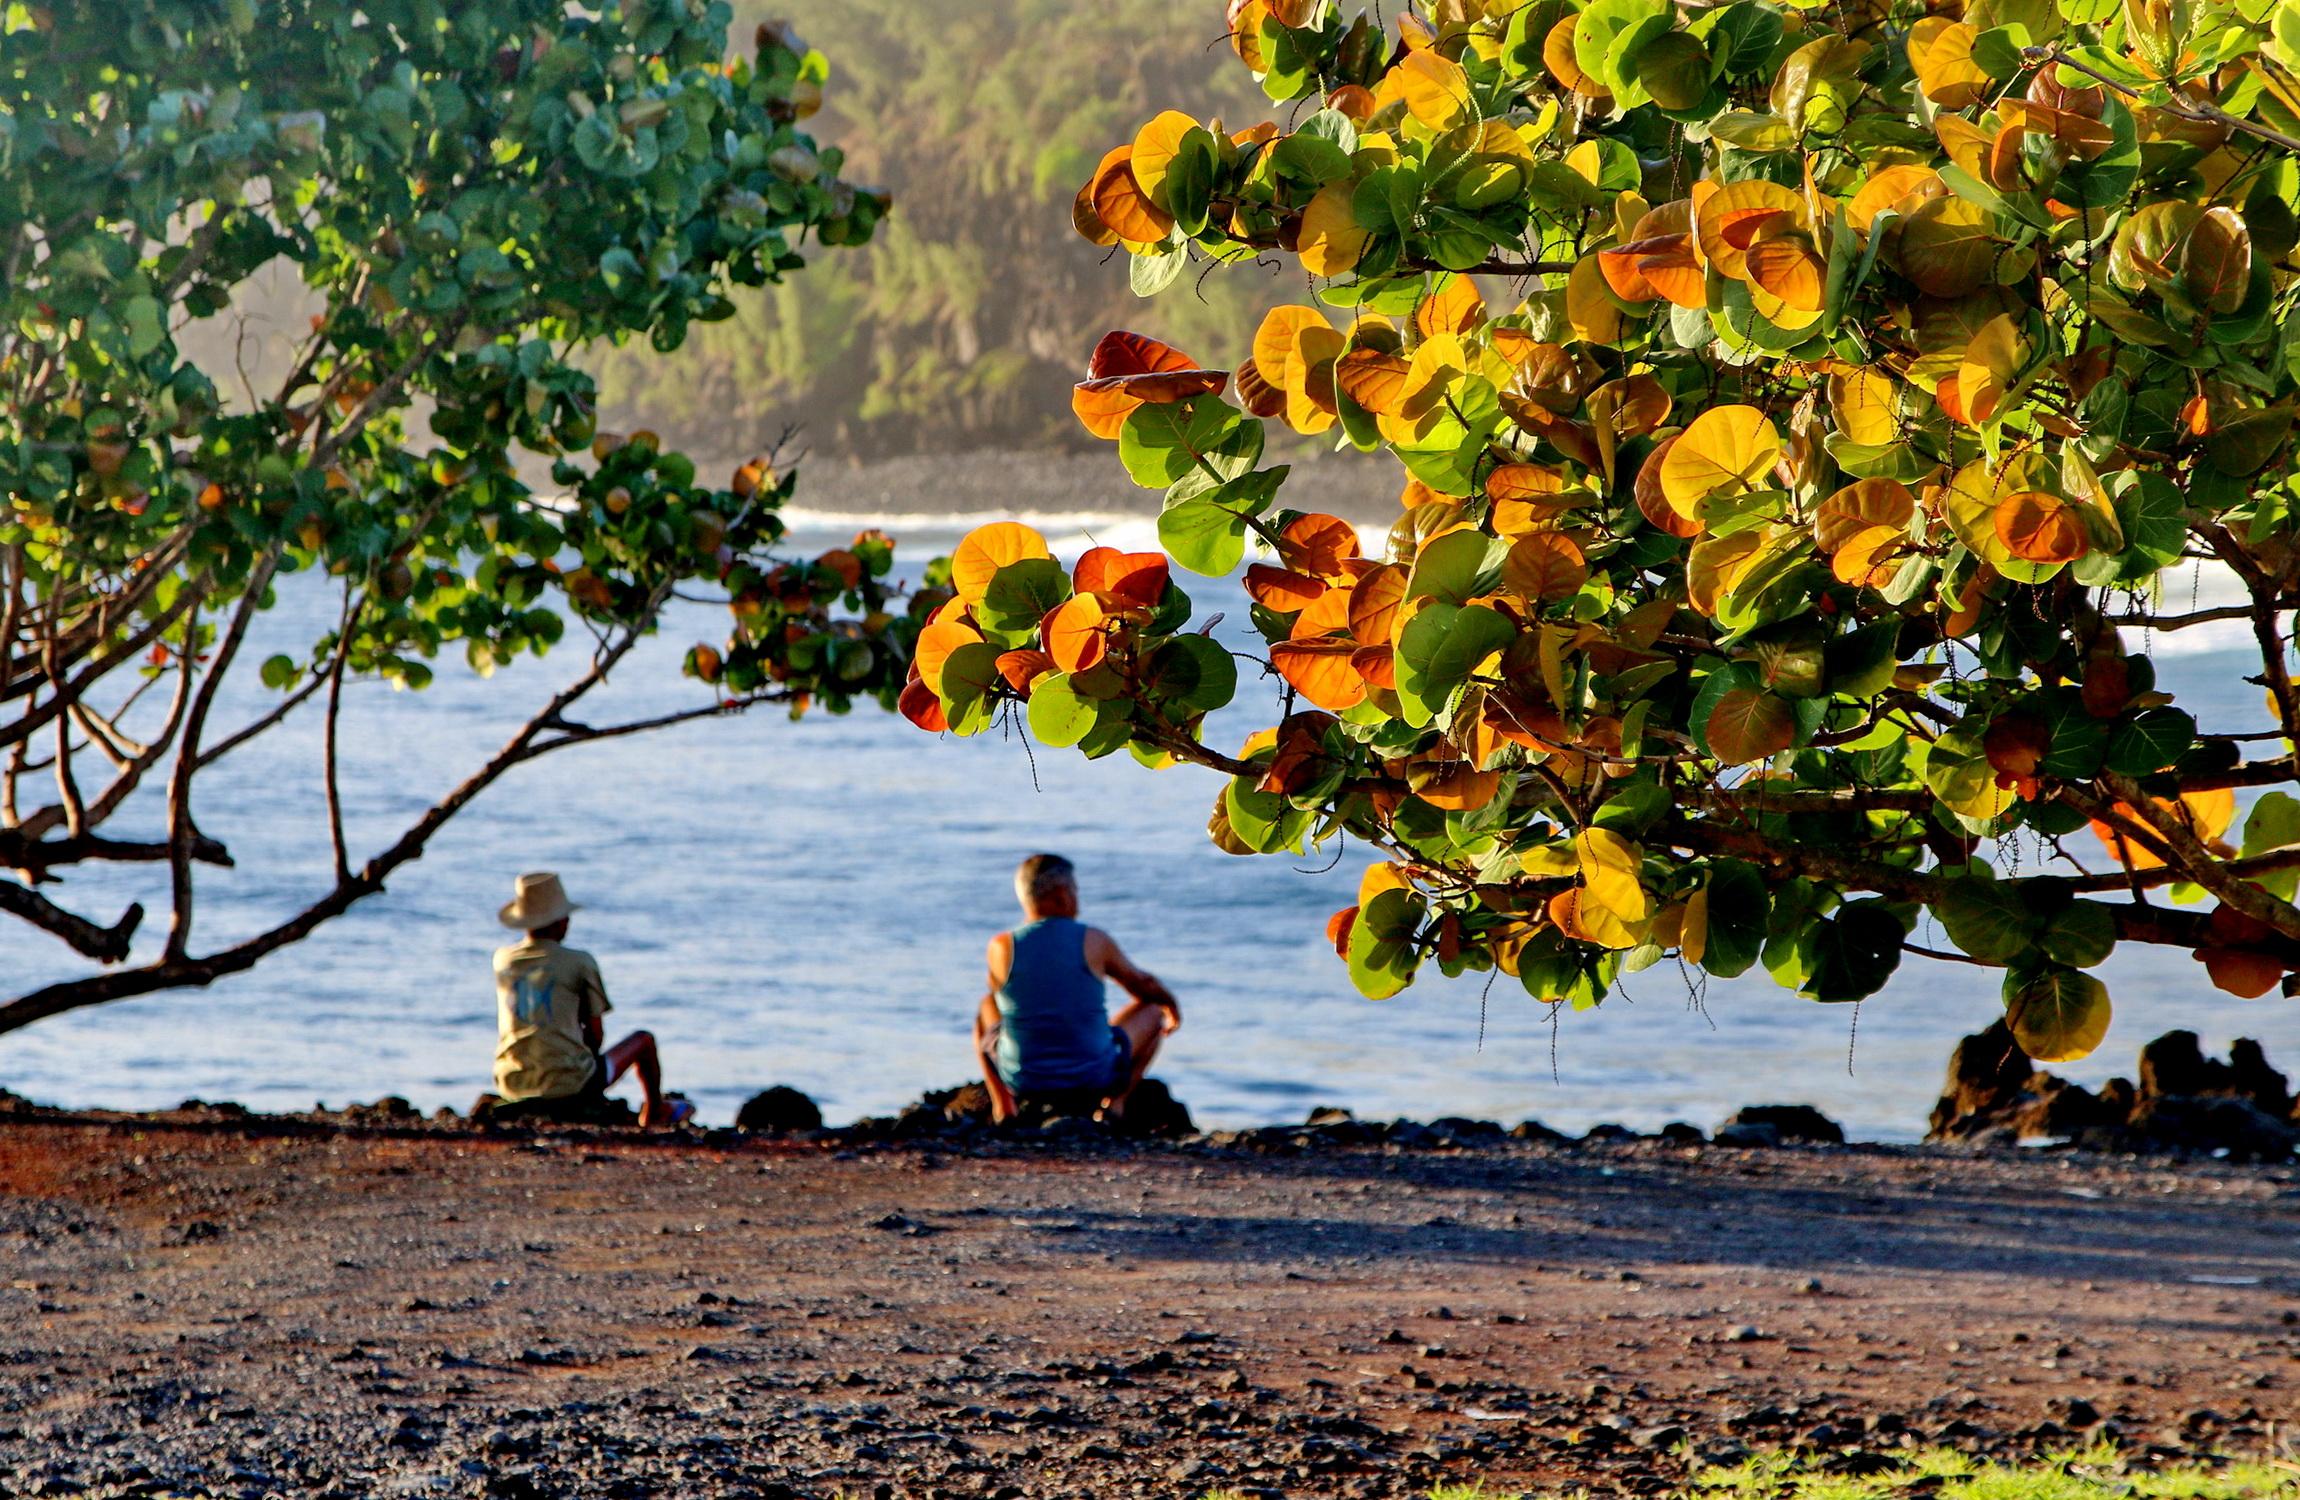 [Vie des ports] Les ports de la Réunion - Page 5 947015capmchantlangevin160